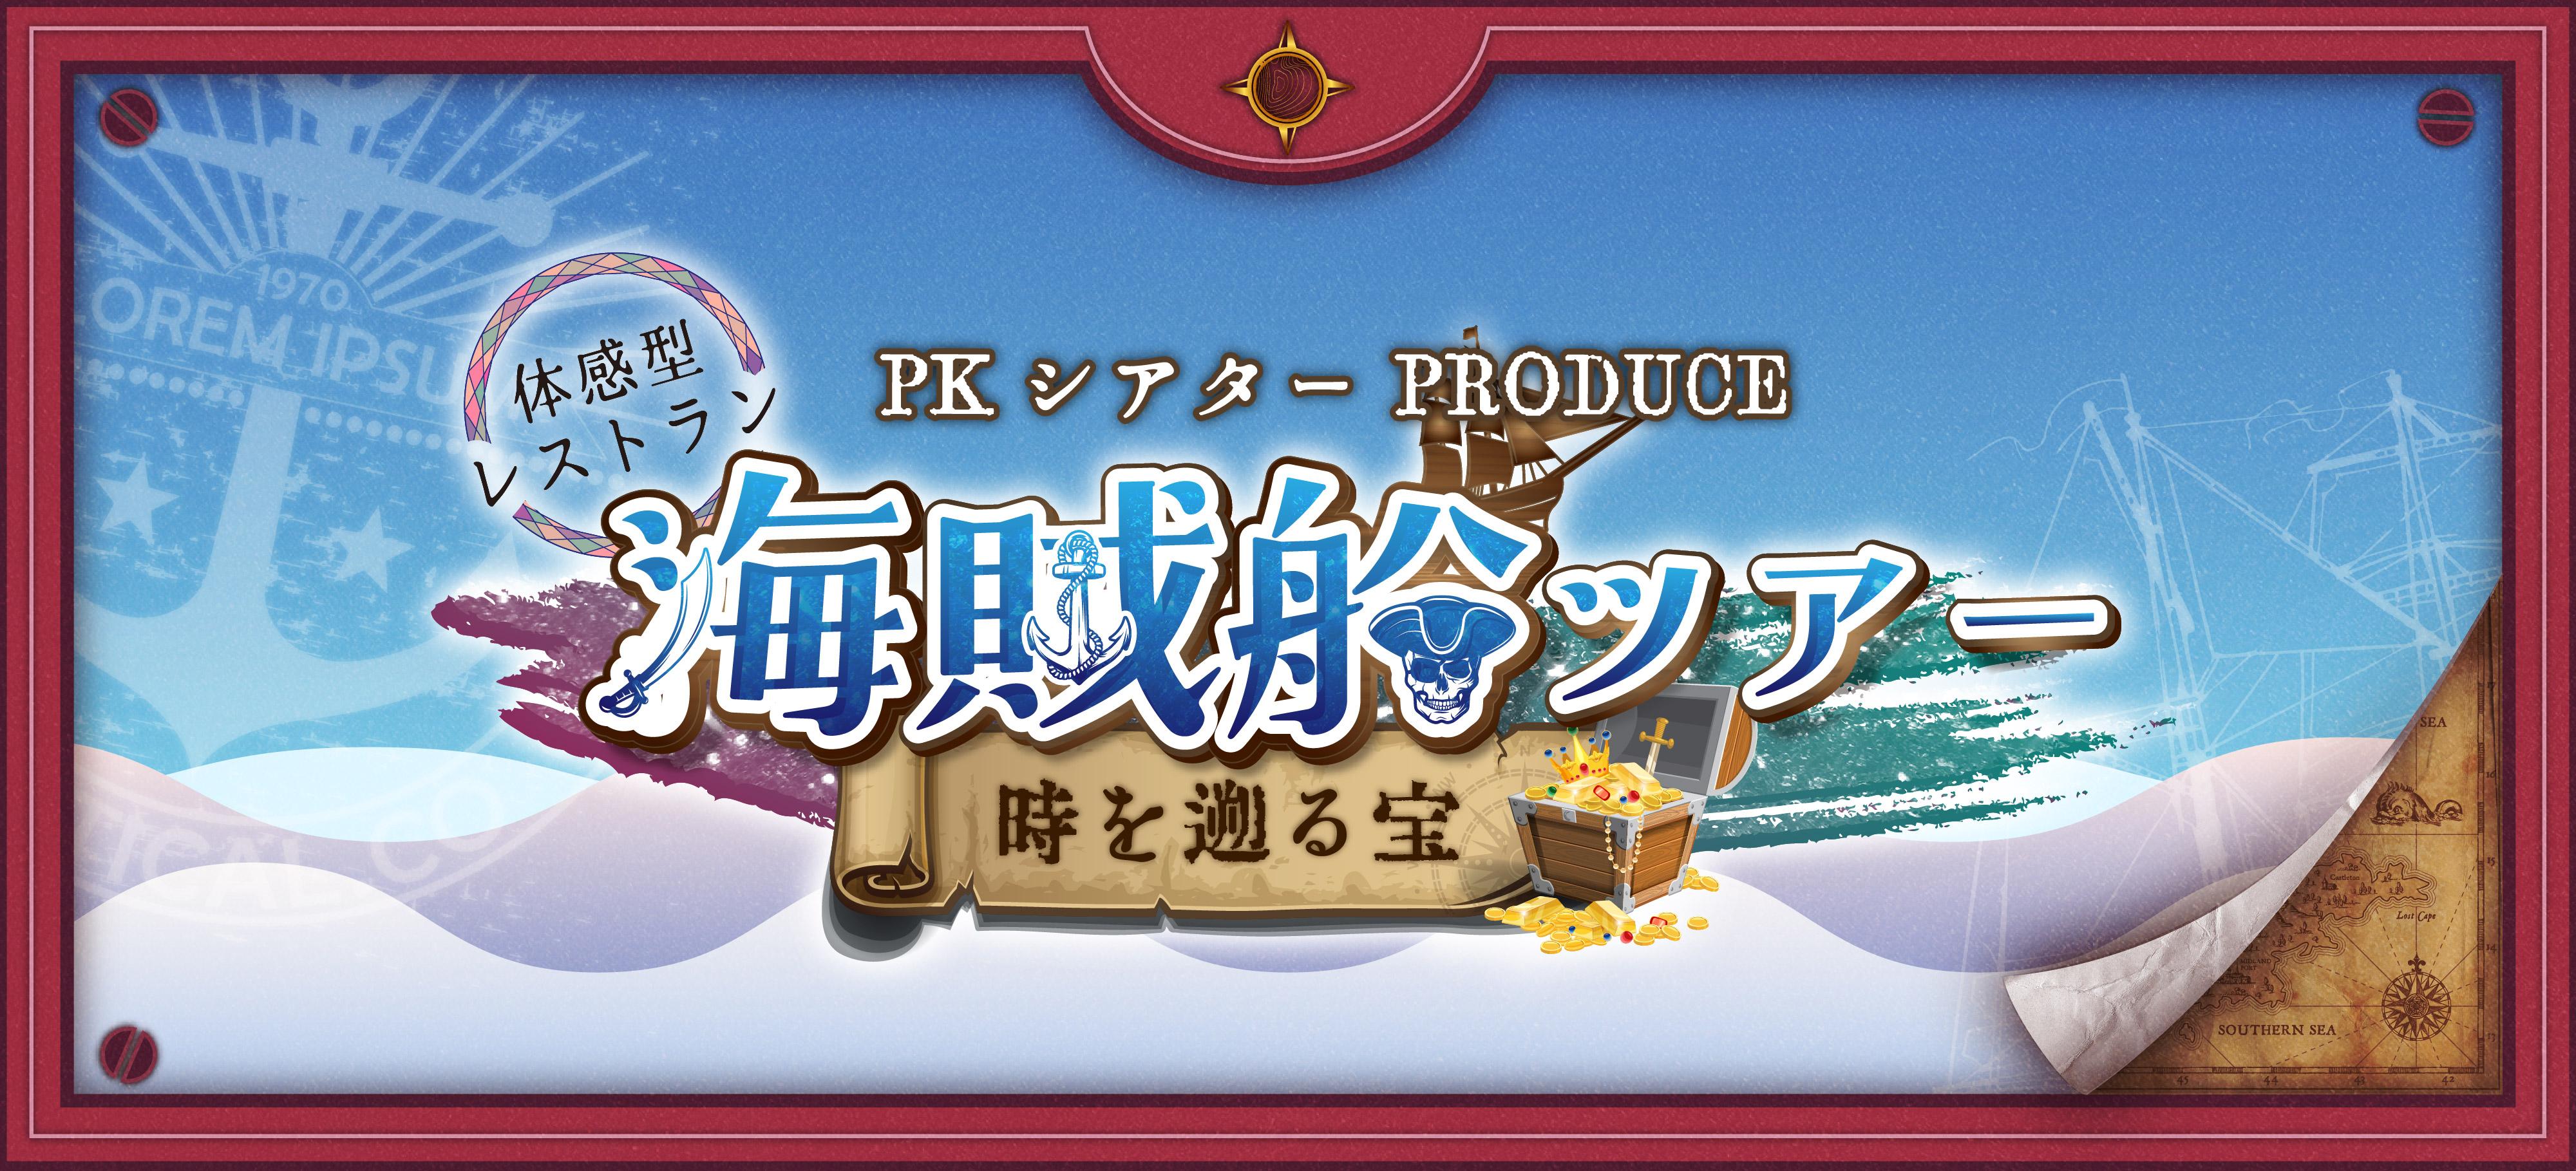 PKシアターProduce 体感型レストラン 「海賊船ツアー〜時を遡る宝〜」